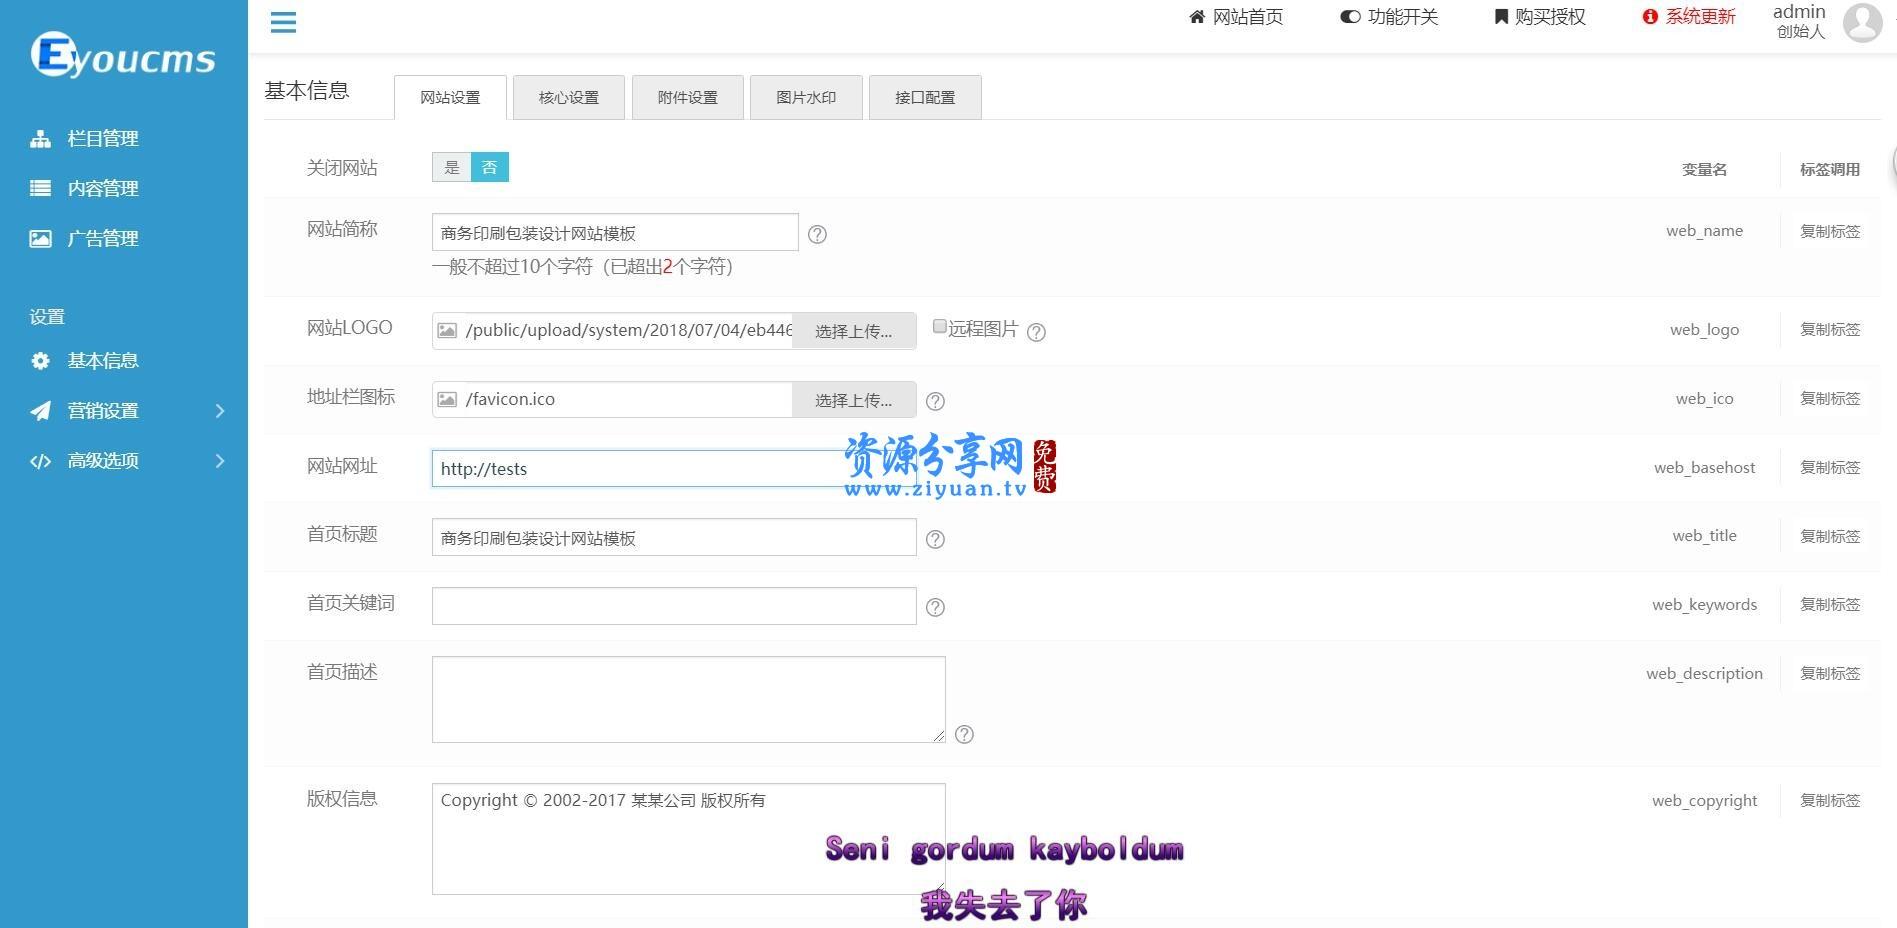 易优 cms 内核商务印刷包装设计公司网站模板源码